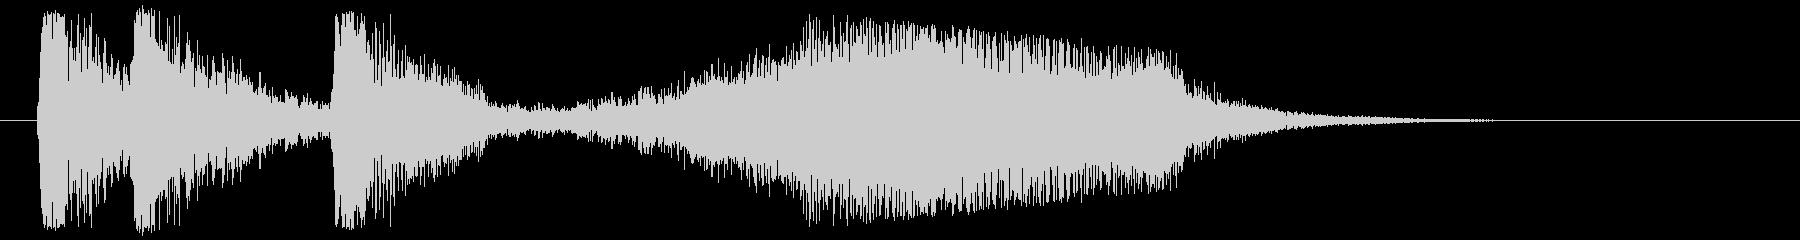 ストリングス ピッチカートジングルの未再生の波形